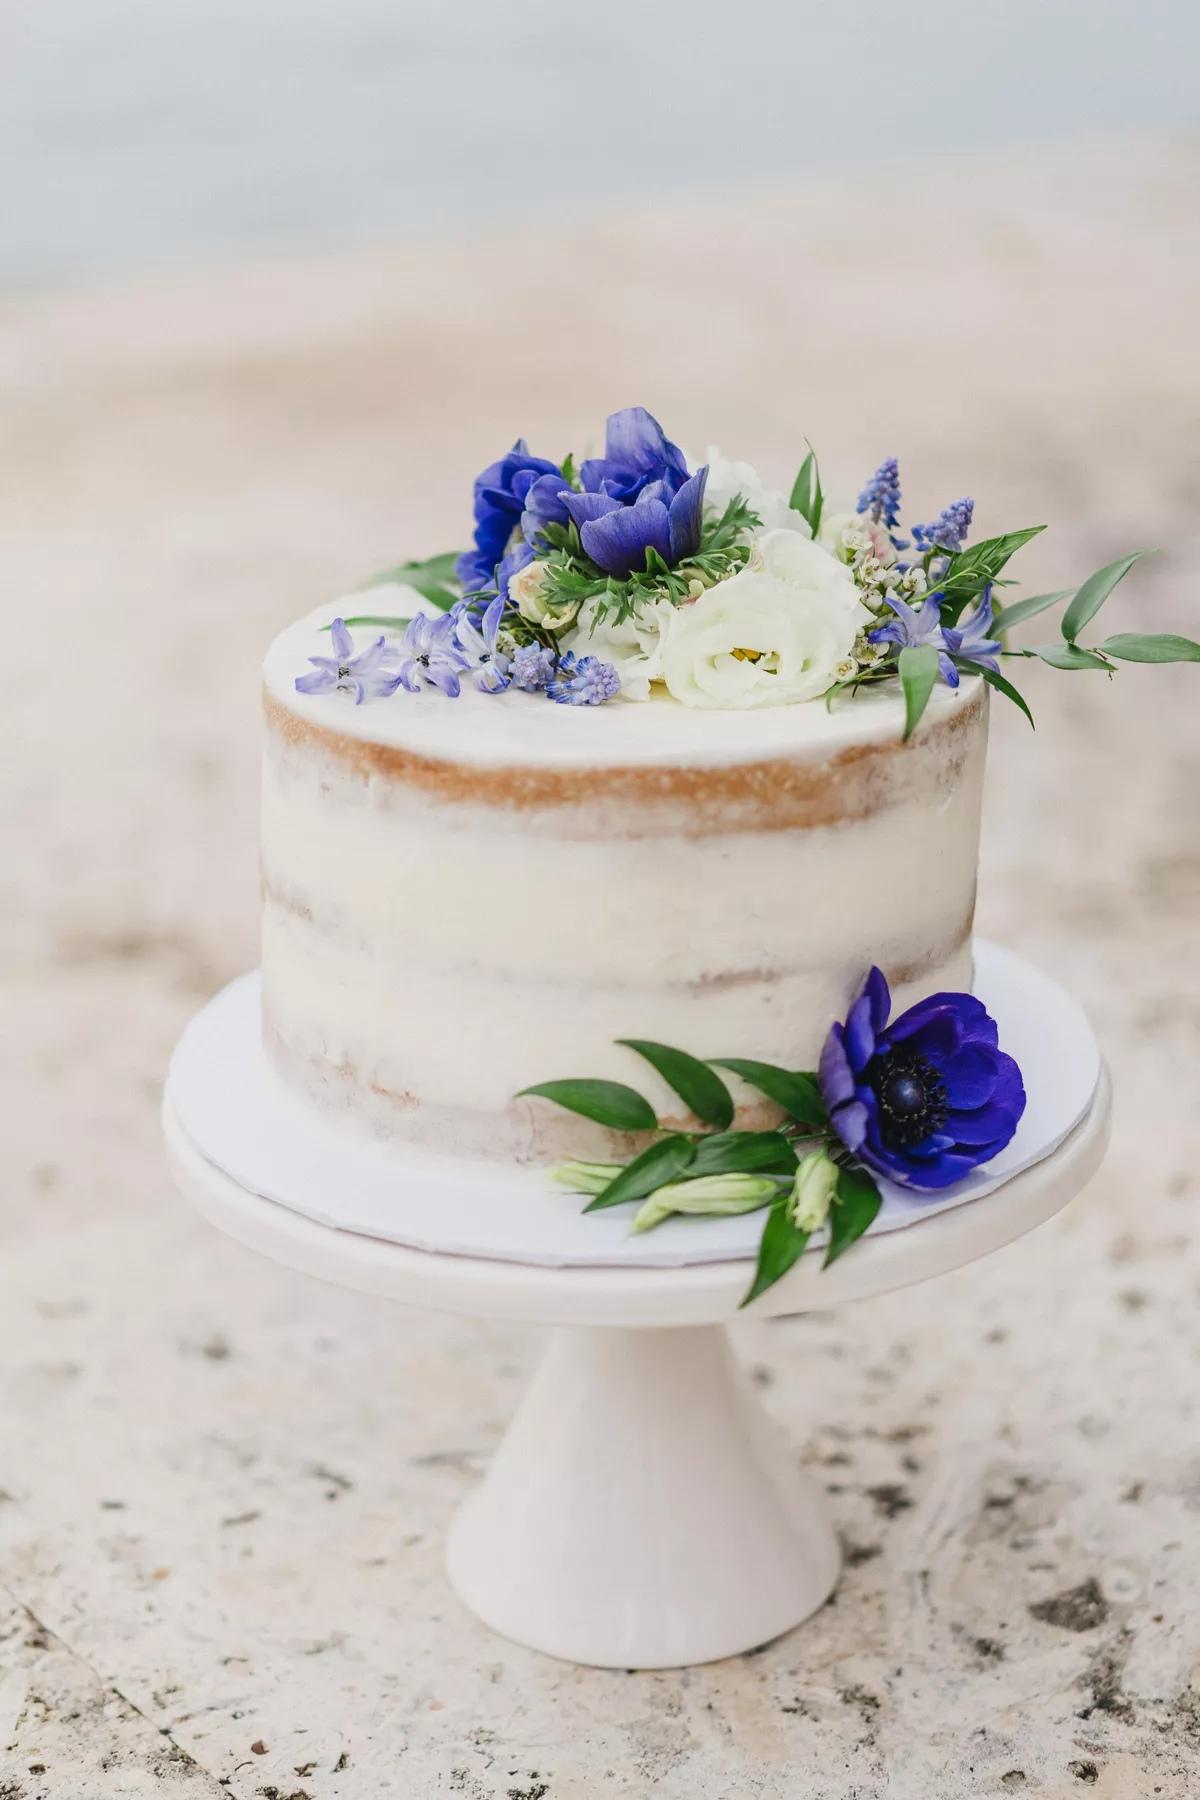 OP5 rhLjSd0 - Маленькие свадебные торты